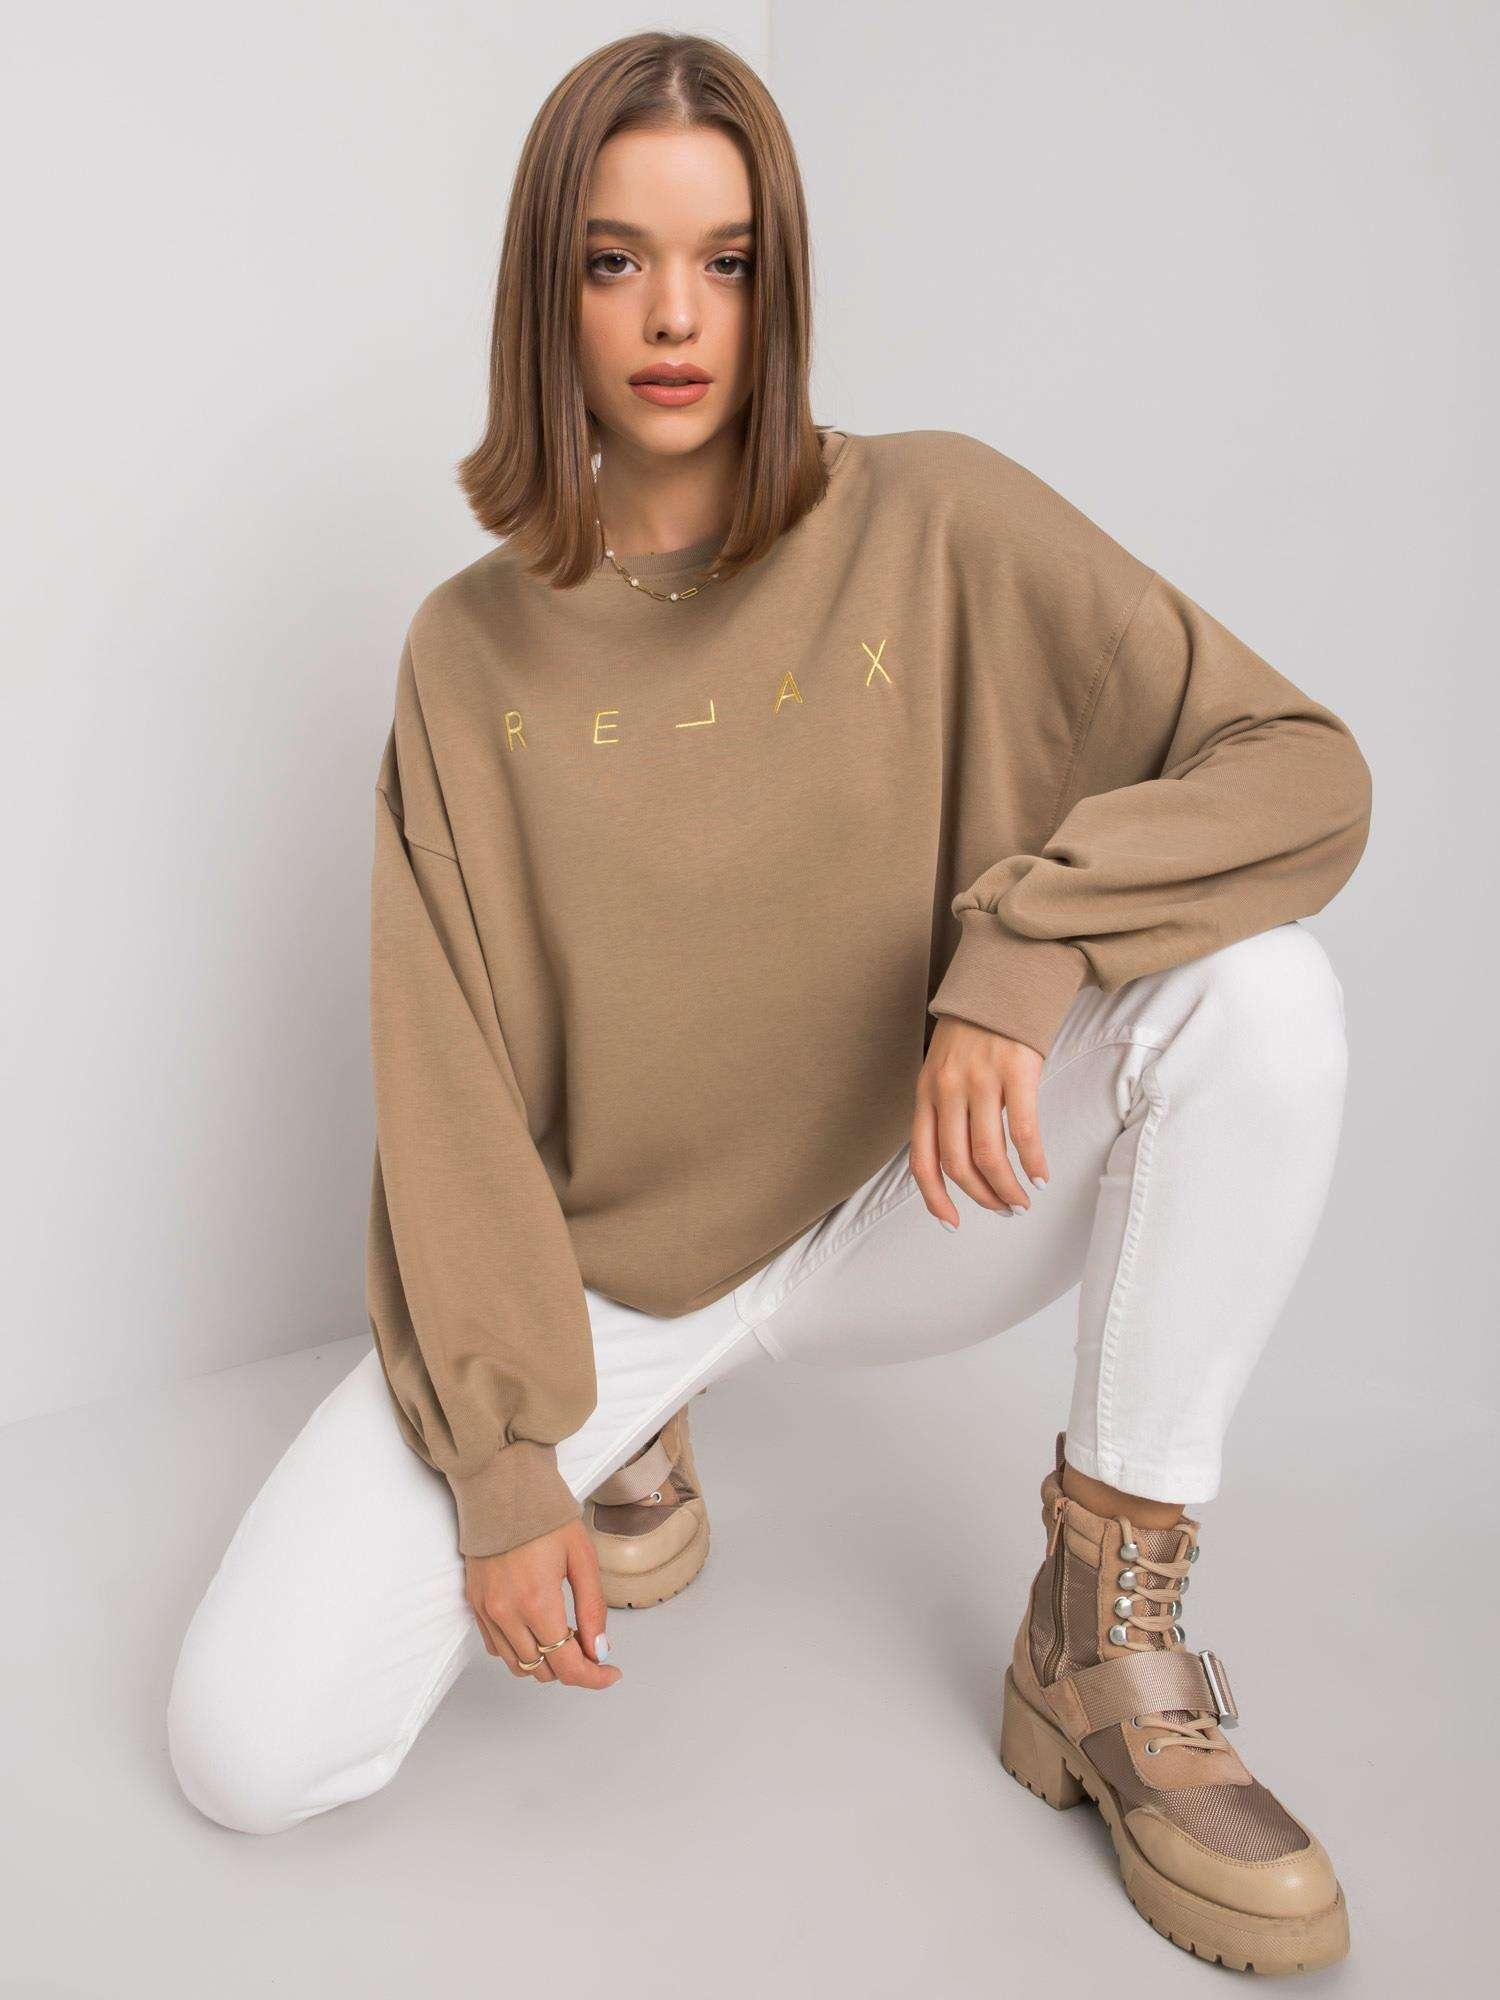 Sweatshirt in Beige mit goldener  Stickerei Vorderansicht sitzend